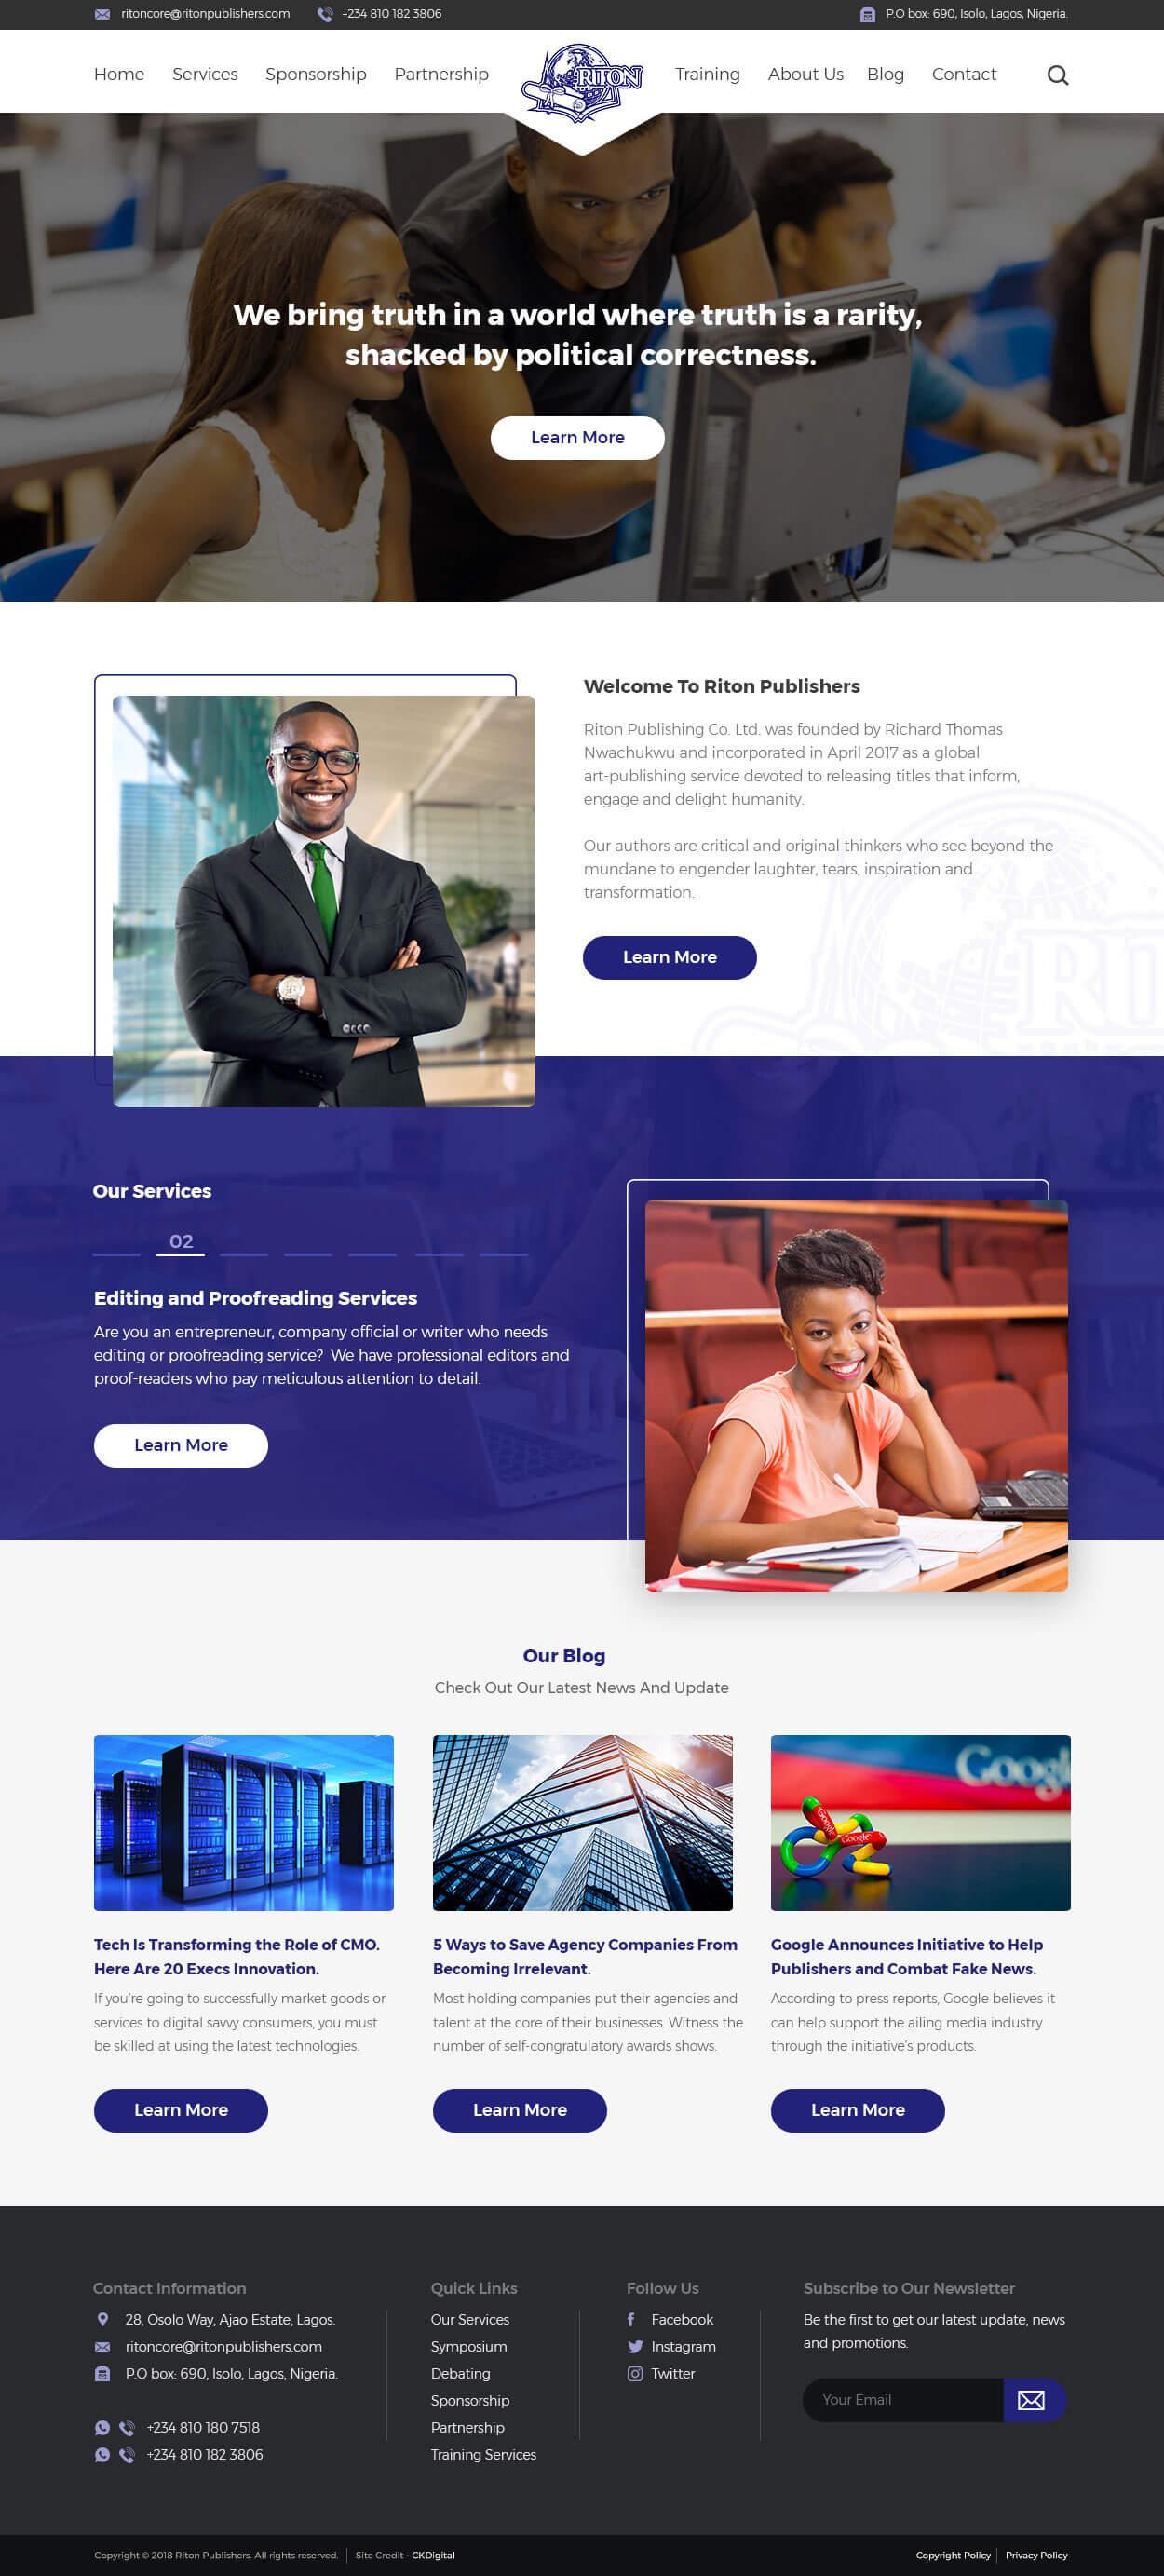 riton-publisher-web-design-project-page-1